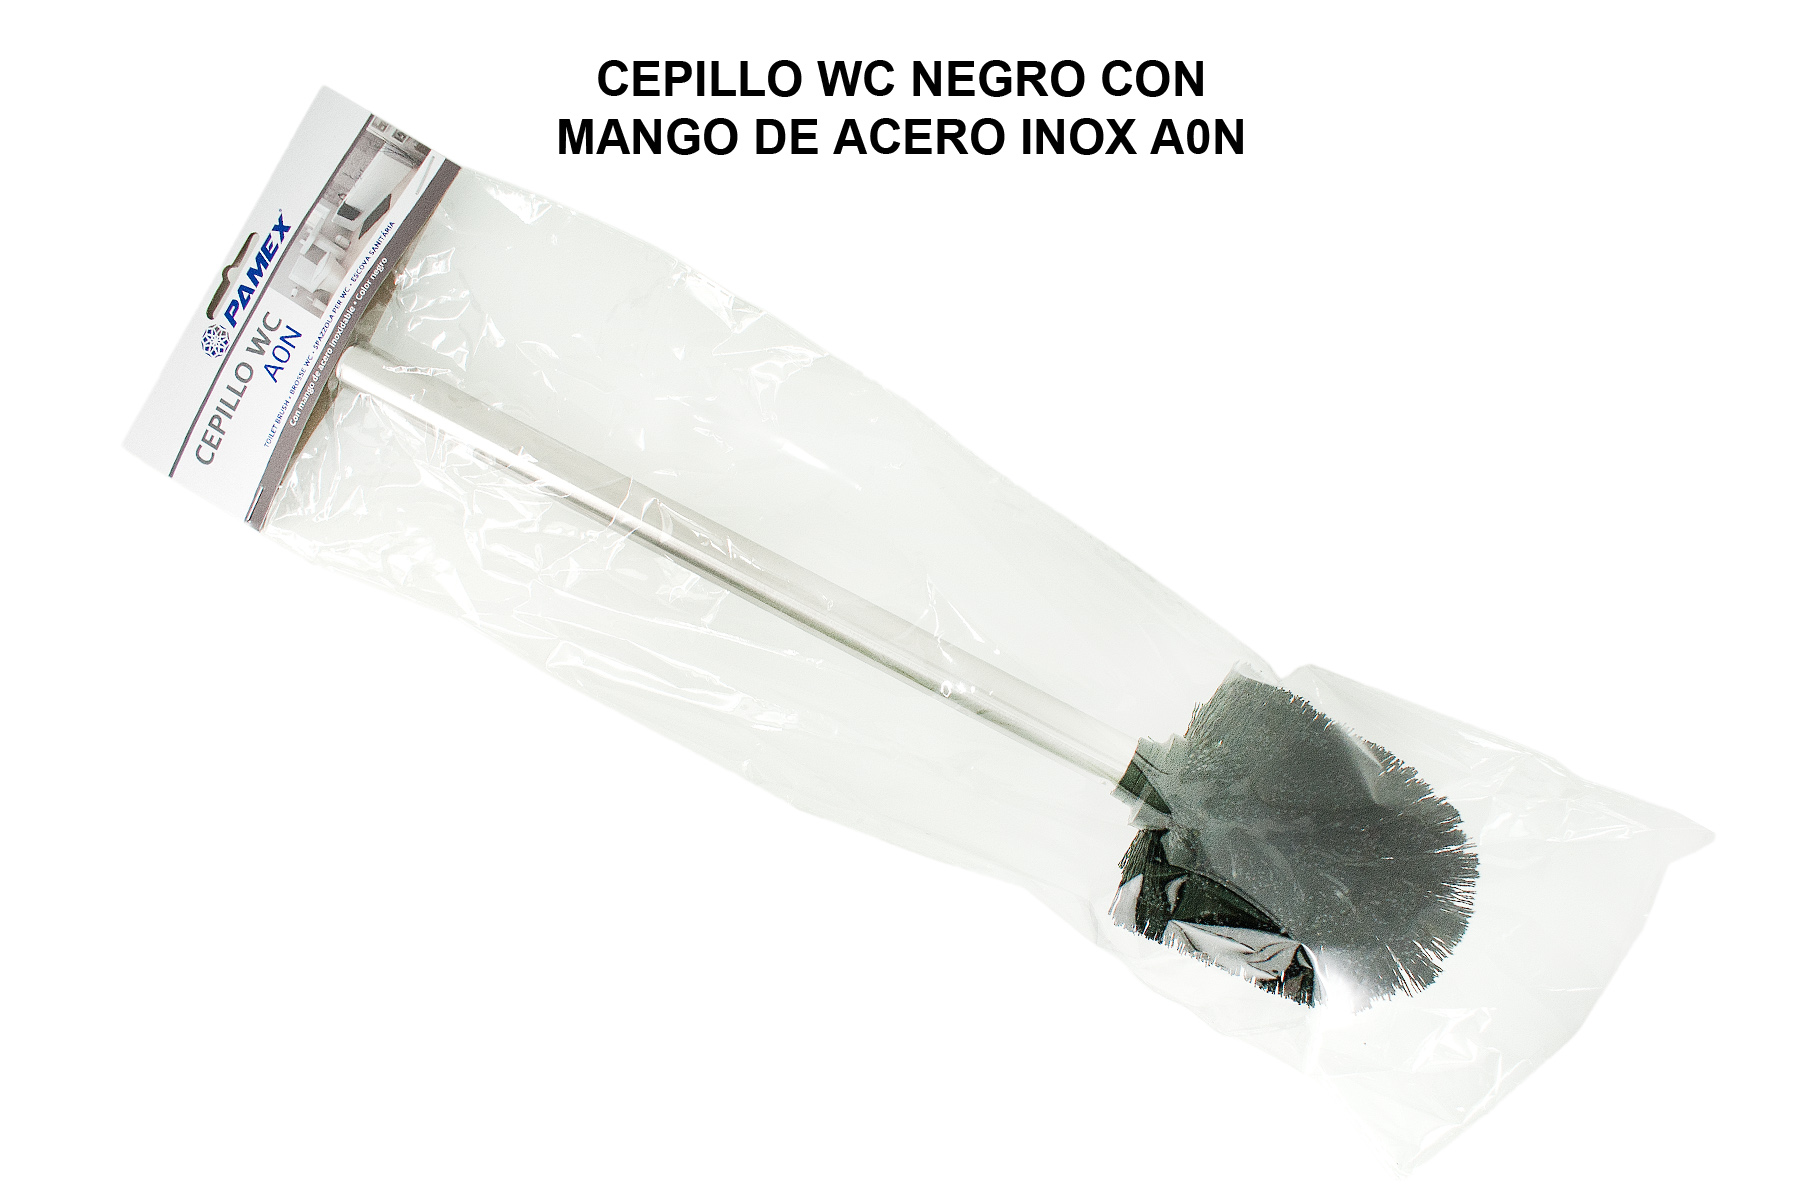 CEPILLO WC NEGRO CON MANGO DE ACERO INOX A0N